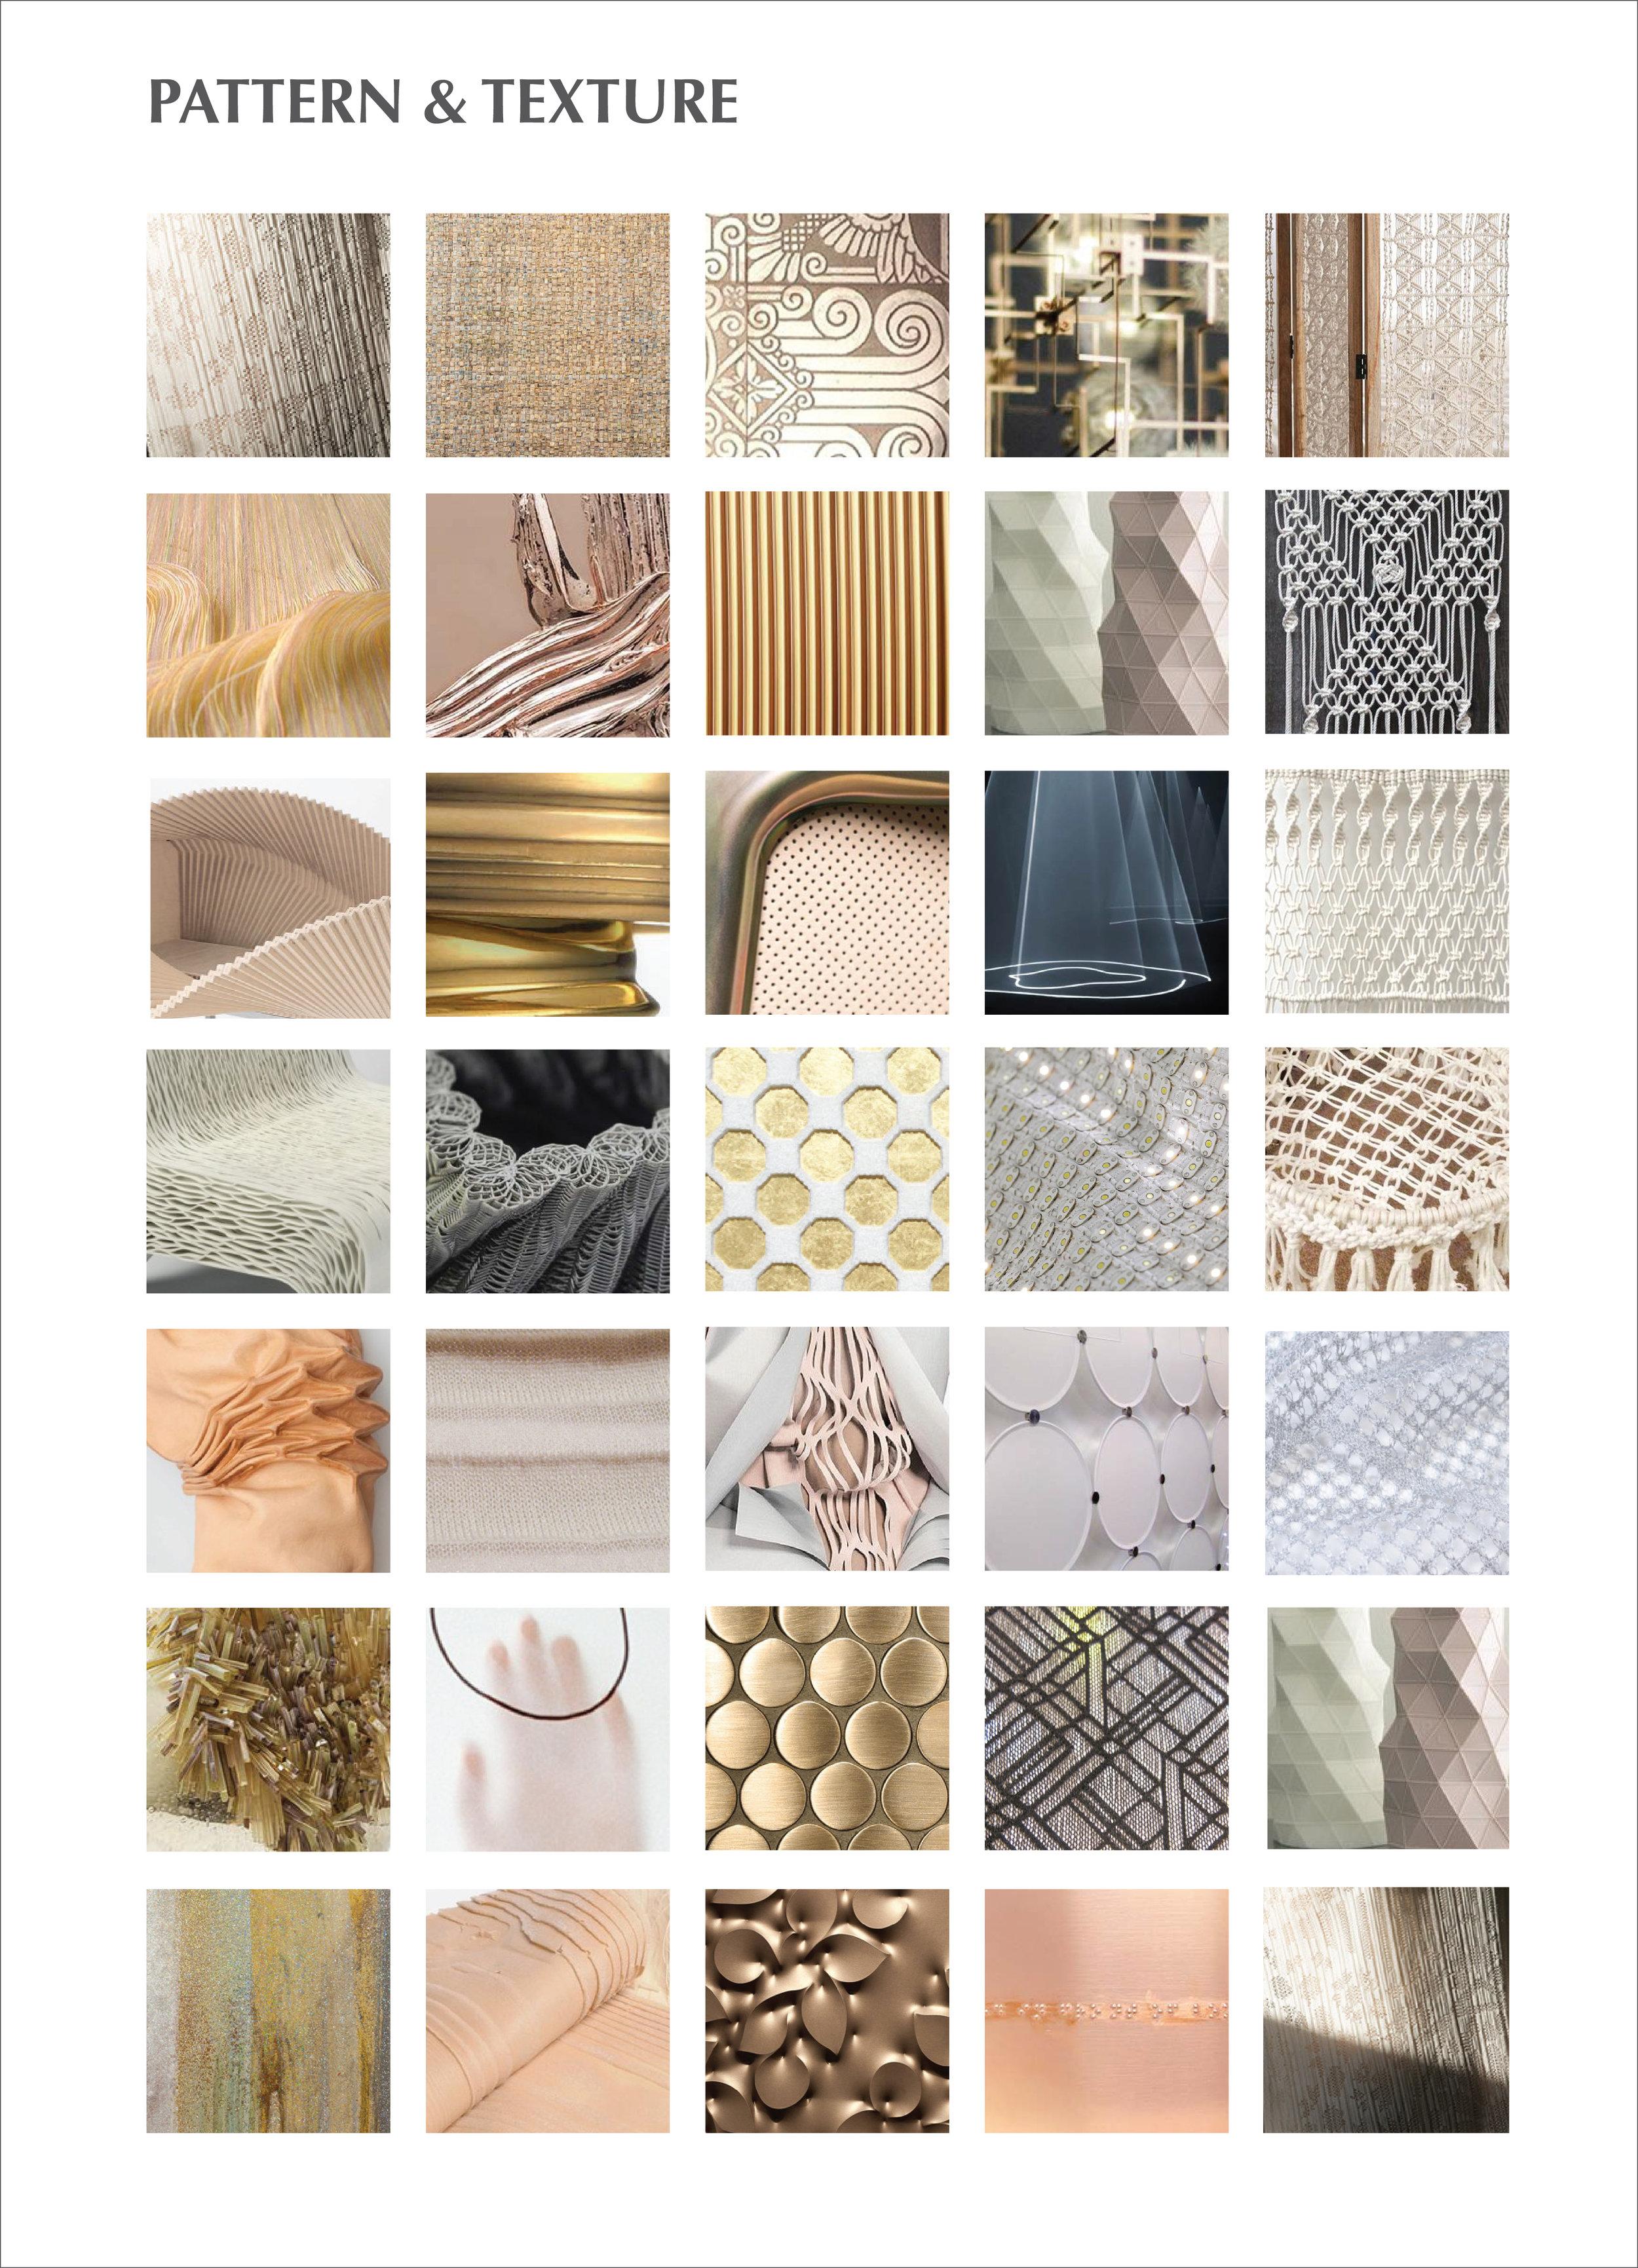 Pattern&texture board-01.jpg